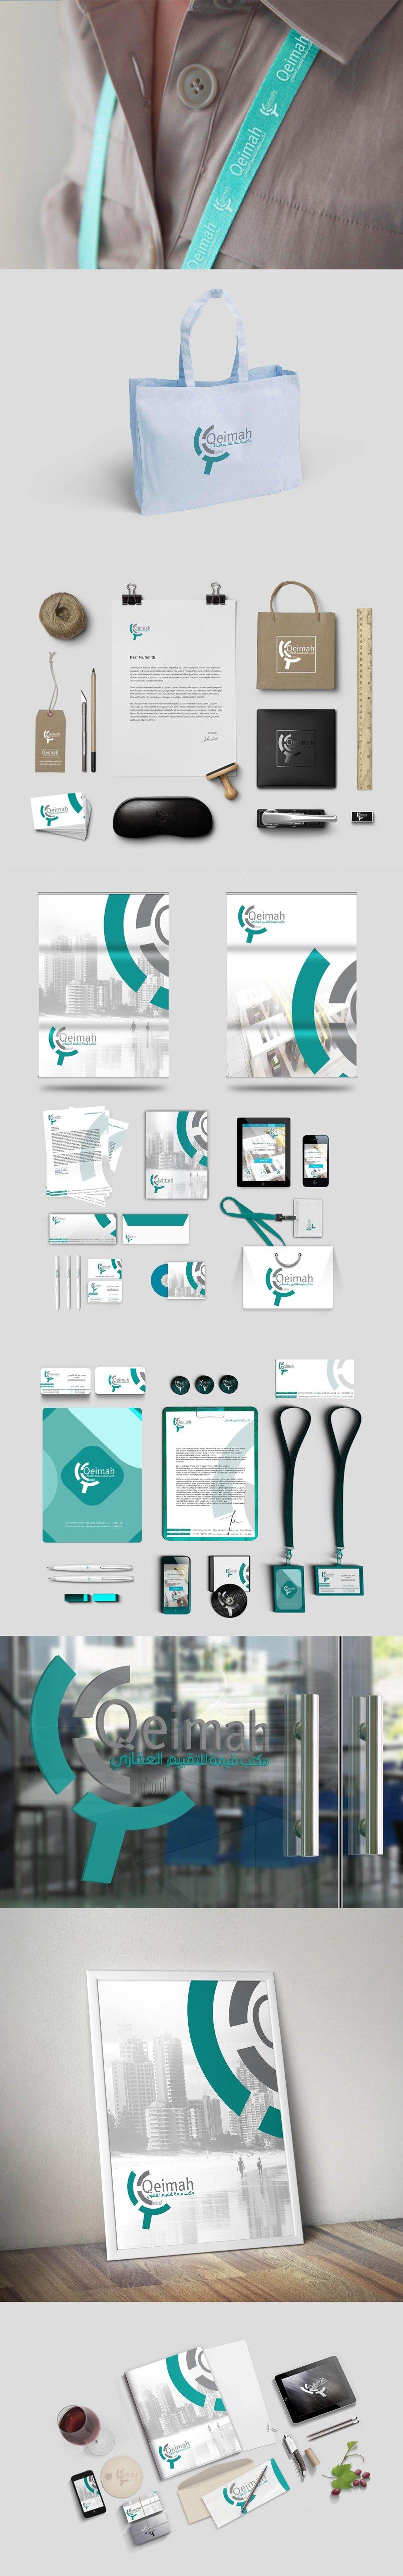 تصميم شعار و هوية قيمة للتقييم